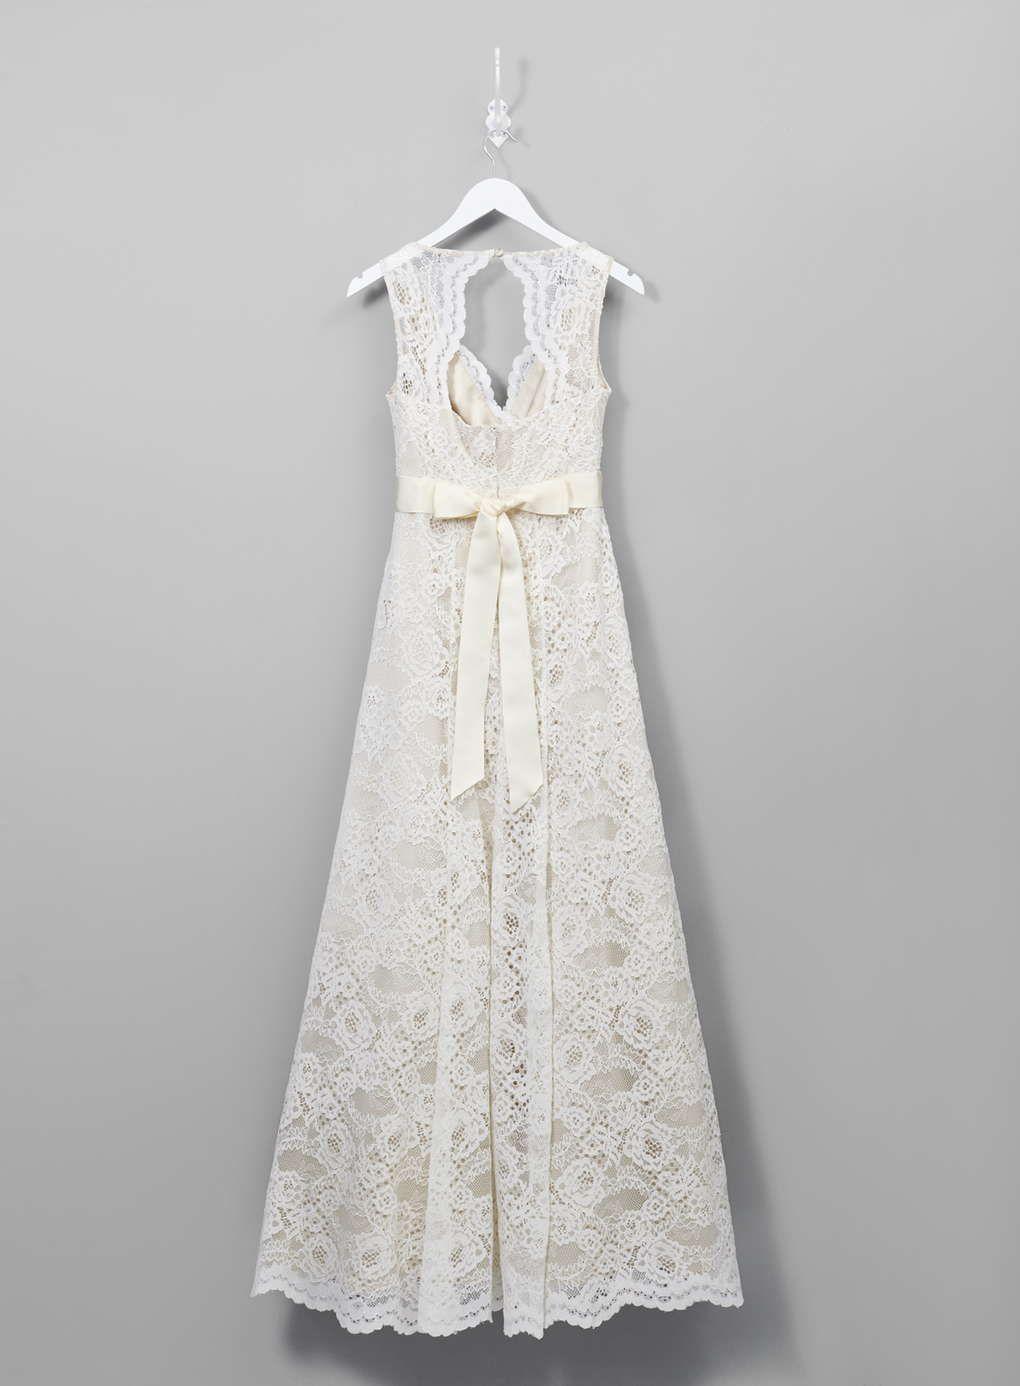 Ivory Bella Vintage Wedding Dress Dresses Wedding Dresses Wedding Dresses Vintage